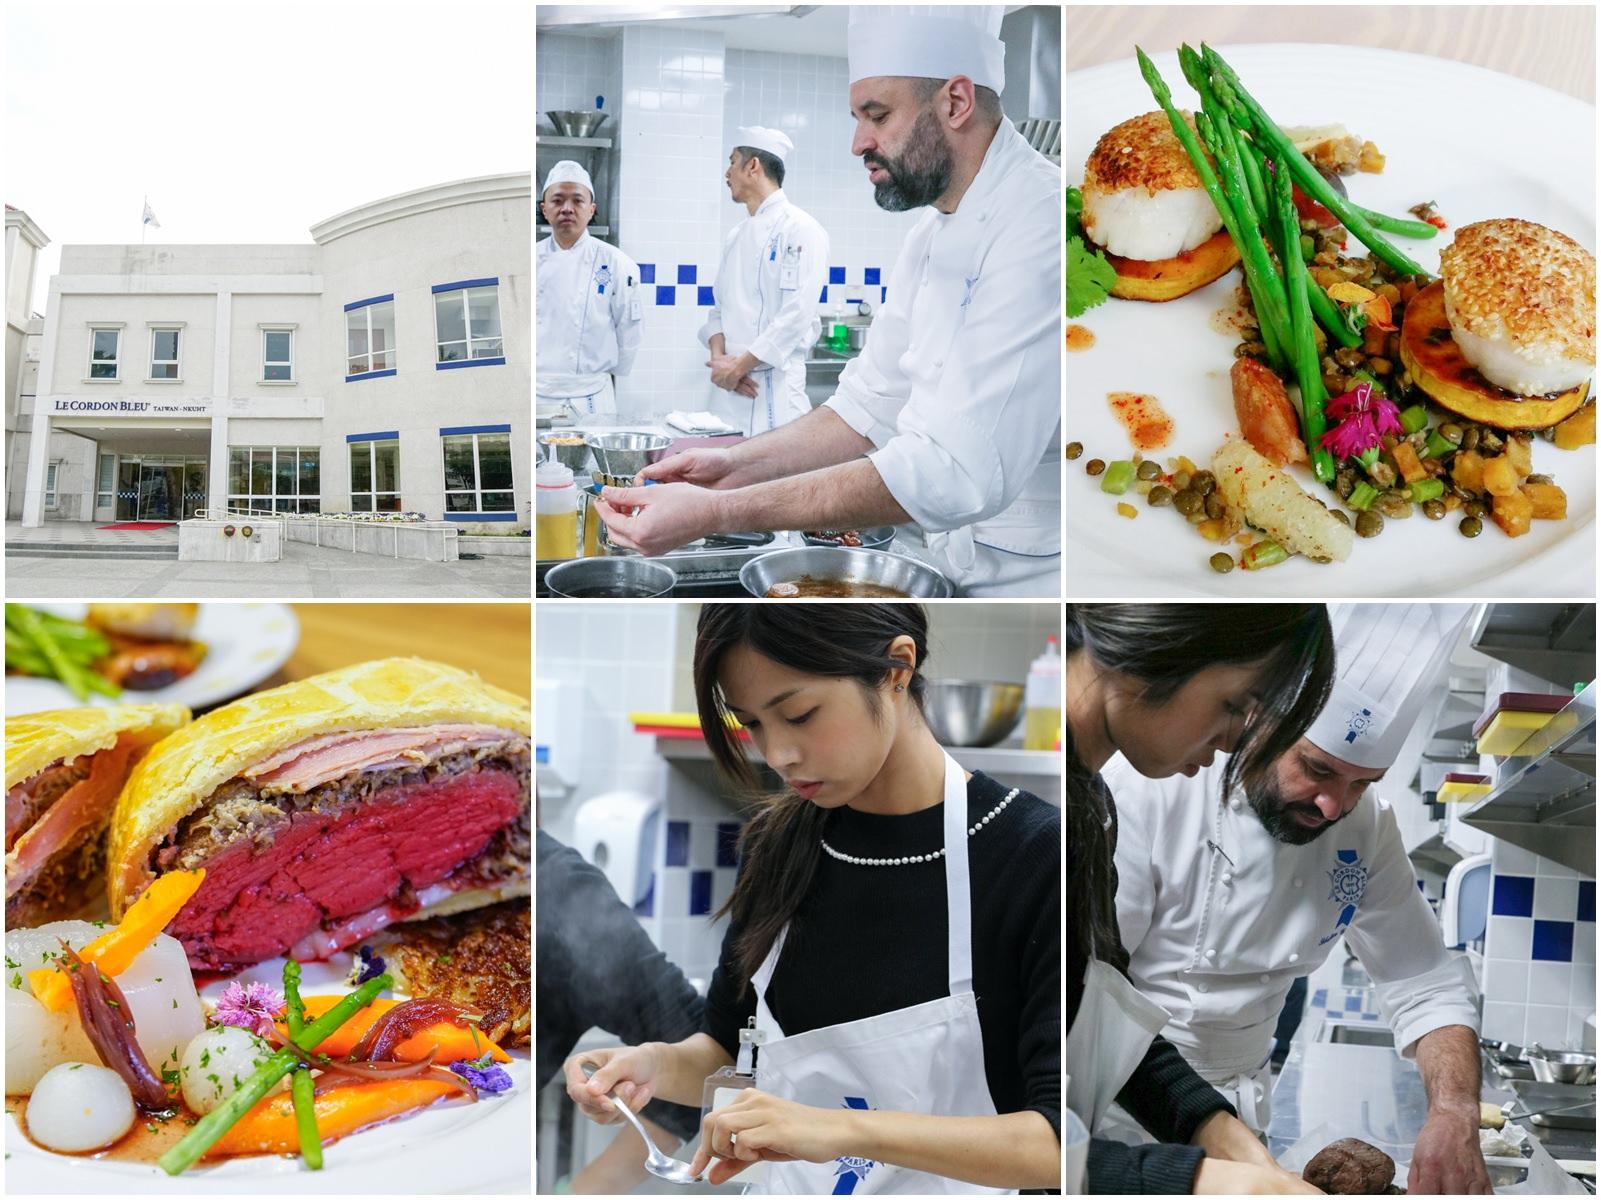 [高雄]Le Cordon Bleu Kaohsiung Campus 藍帶國際高雄校區-頂級西餐料理體驗課 專業外籍師資指導 高雄料理課程推薦